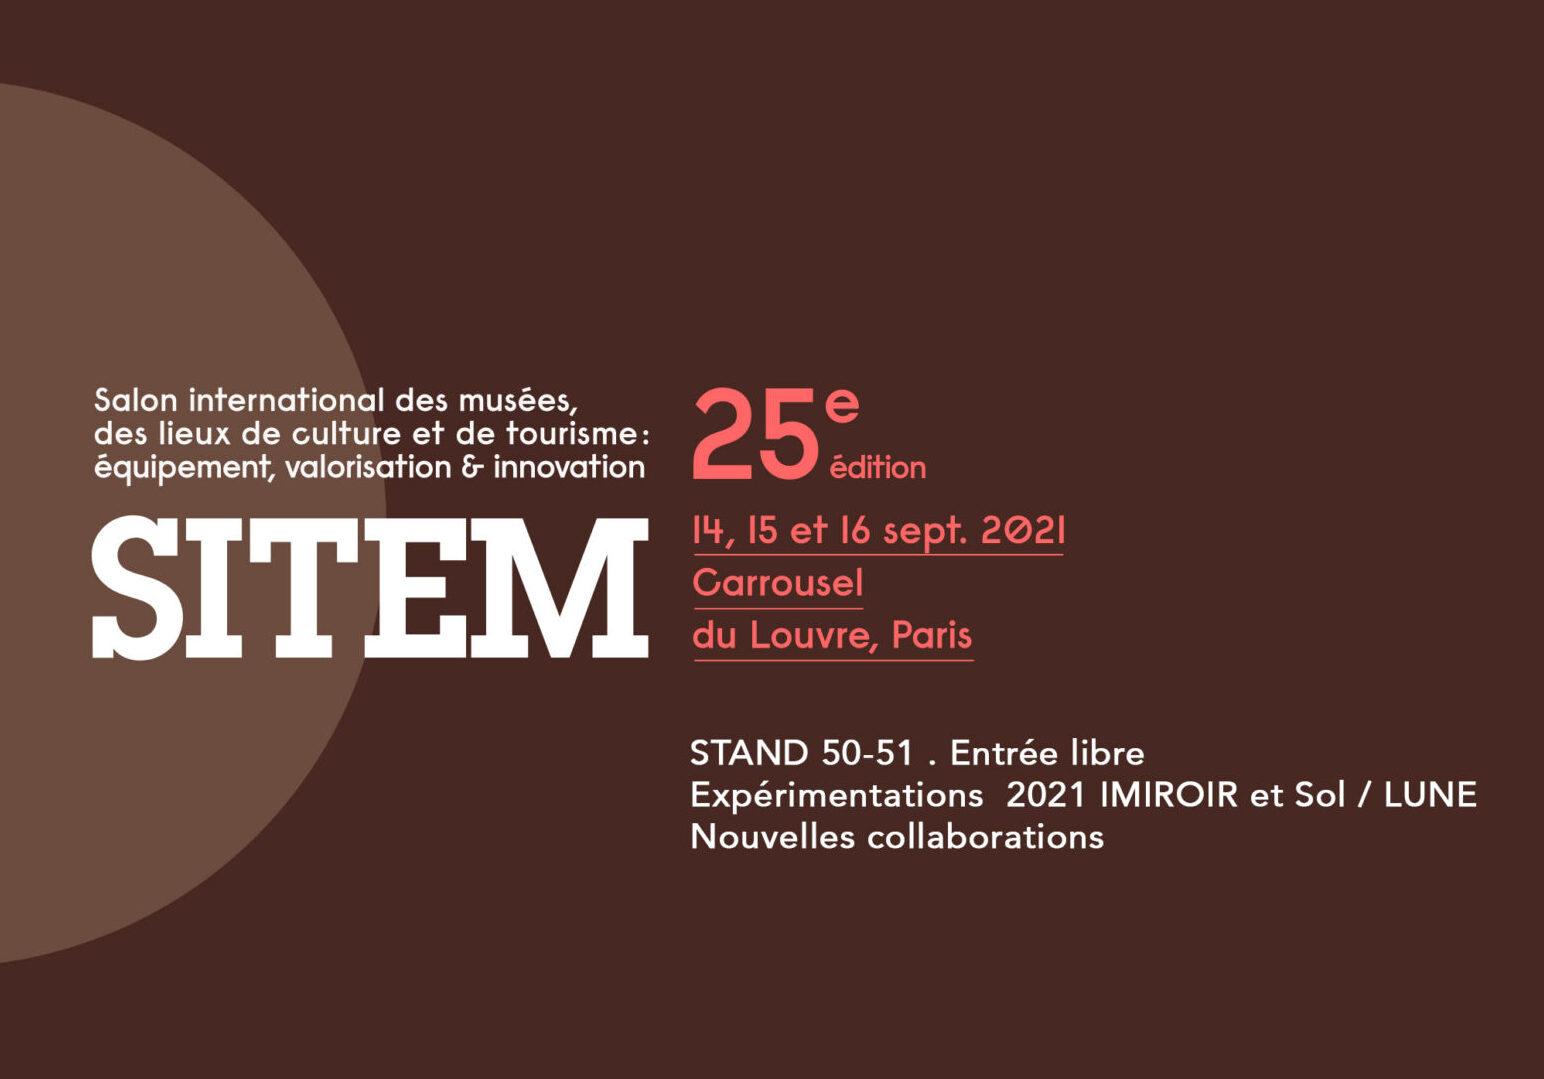 Septembre 2021 : Matières Sensibles du paysage 2021, présentation au SITEM au Carrousel du Louvre…